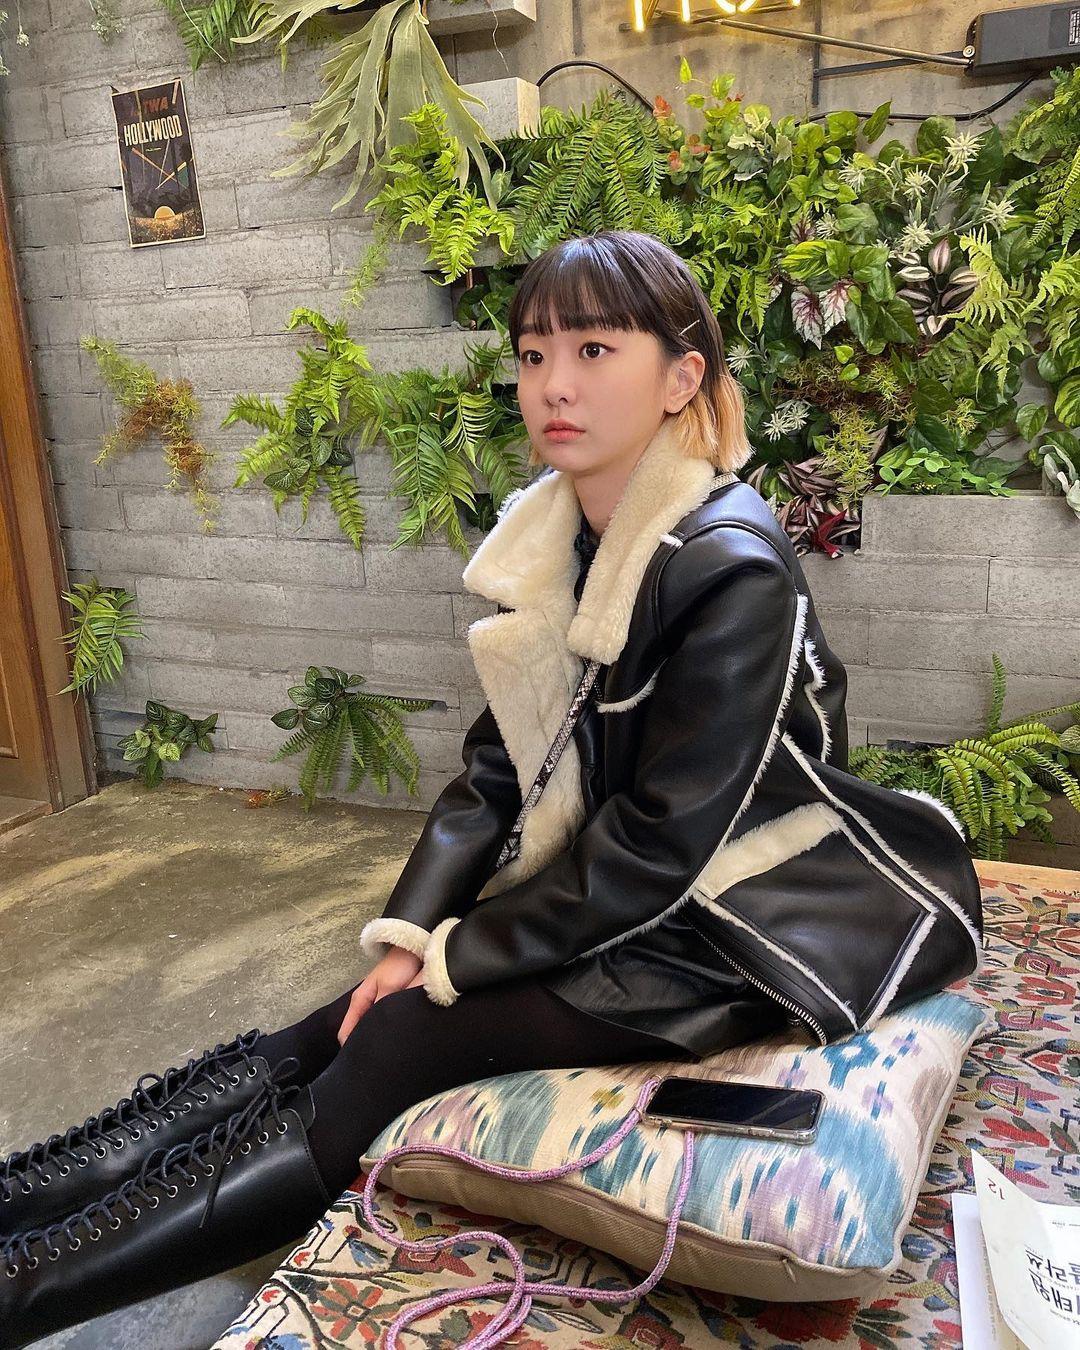 """Không phải áo khoác dáng dài, đây mới là những kiểu áo được sao Hàn ưu ái trong ngày đại hàn: Sang chảnh, ấm áp mà mặc lên không hề bị """"béo"""" - Ảnh 3."""